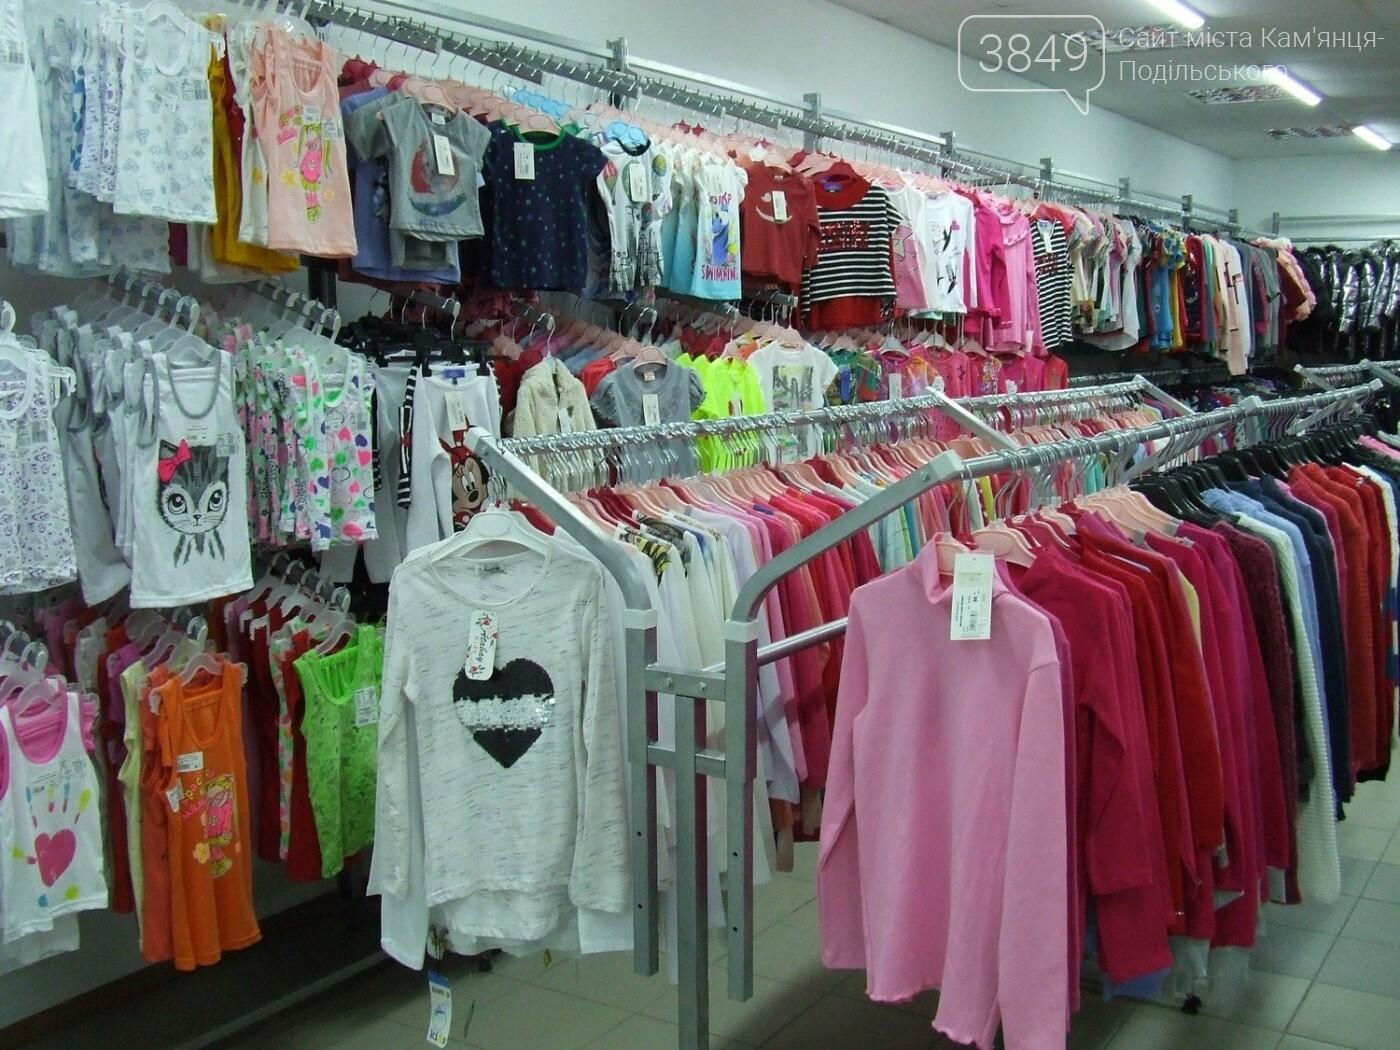 """Одяг для усієї родини у новому магазині """"SUPERЦІНА"""" у Кам'янці-Подільському, фото-16"""